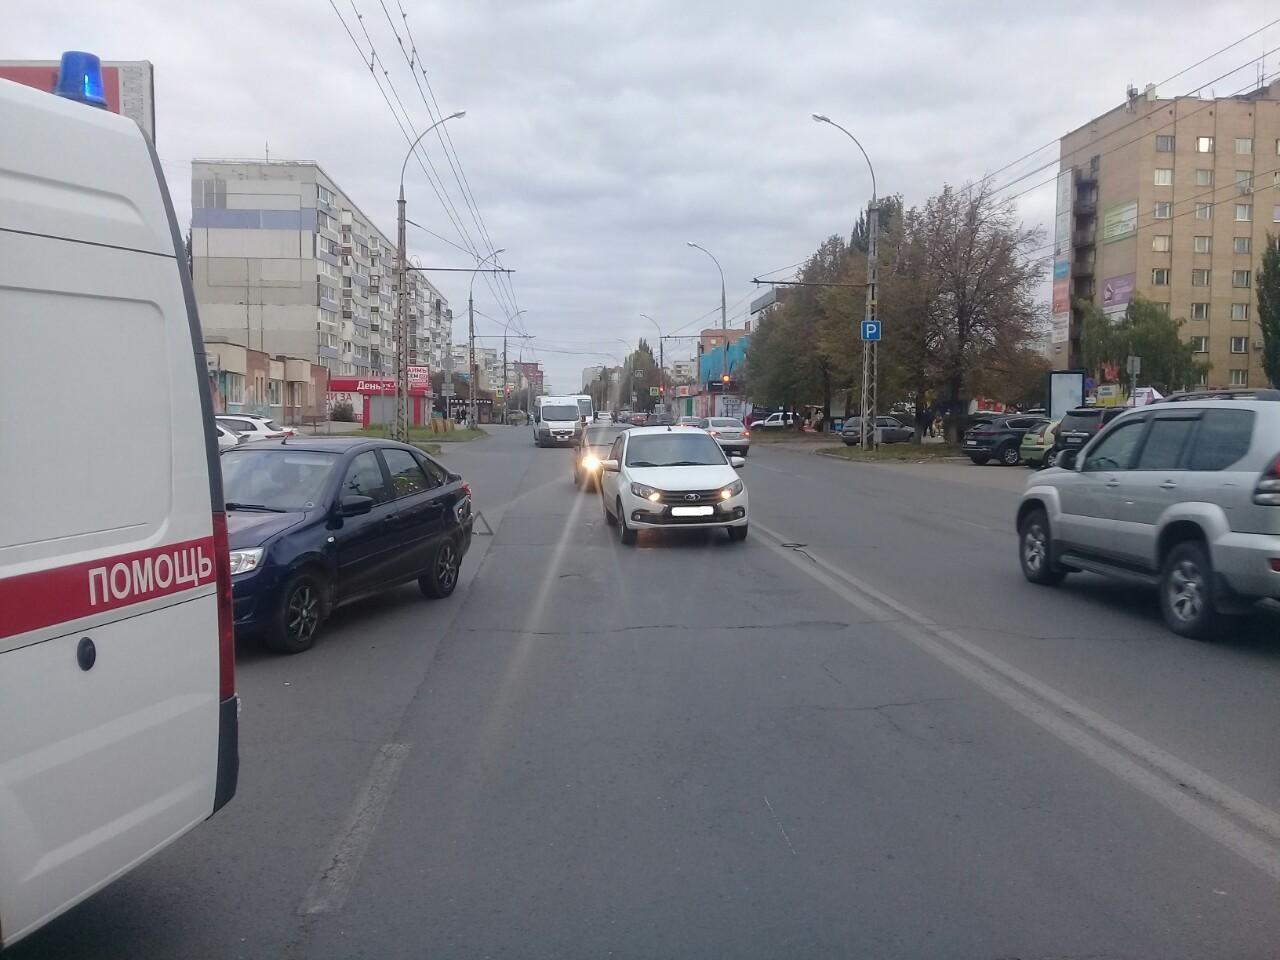 Шла не по правилам: На одной из самых оживленных улиц Тольятти сбили девочку